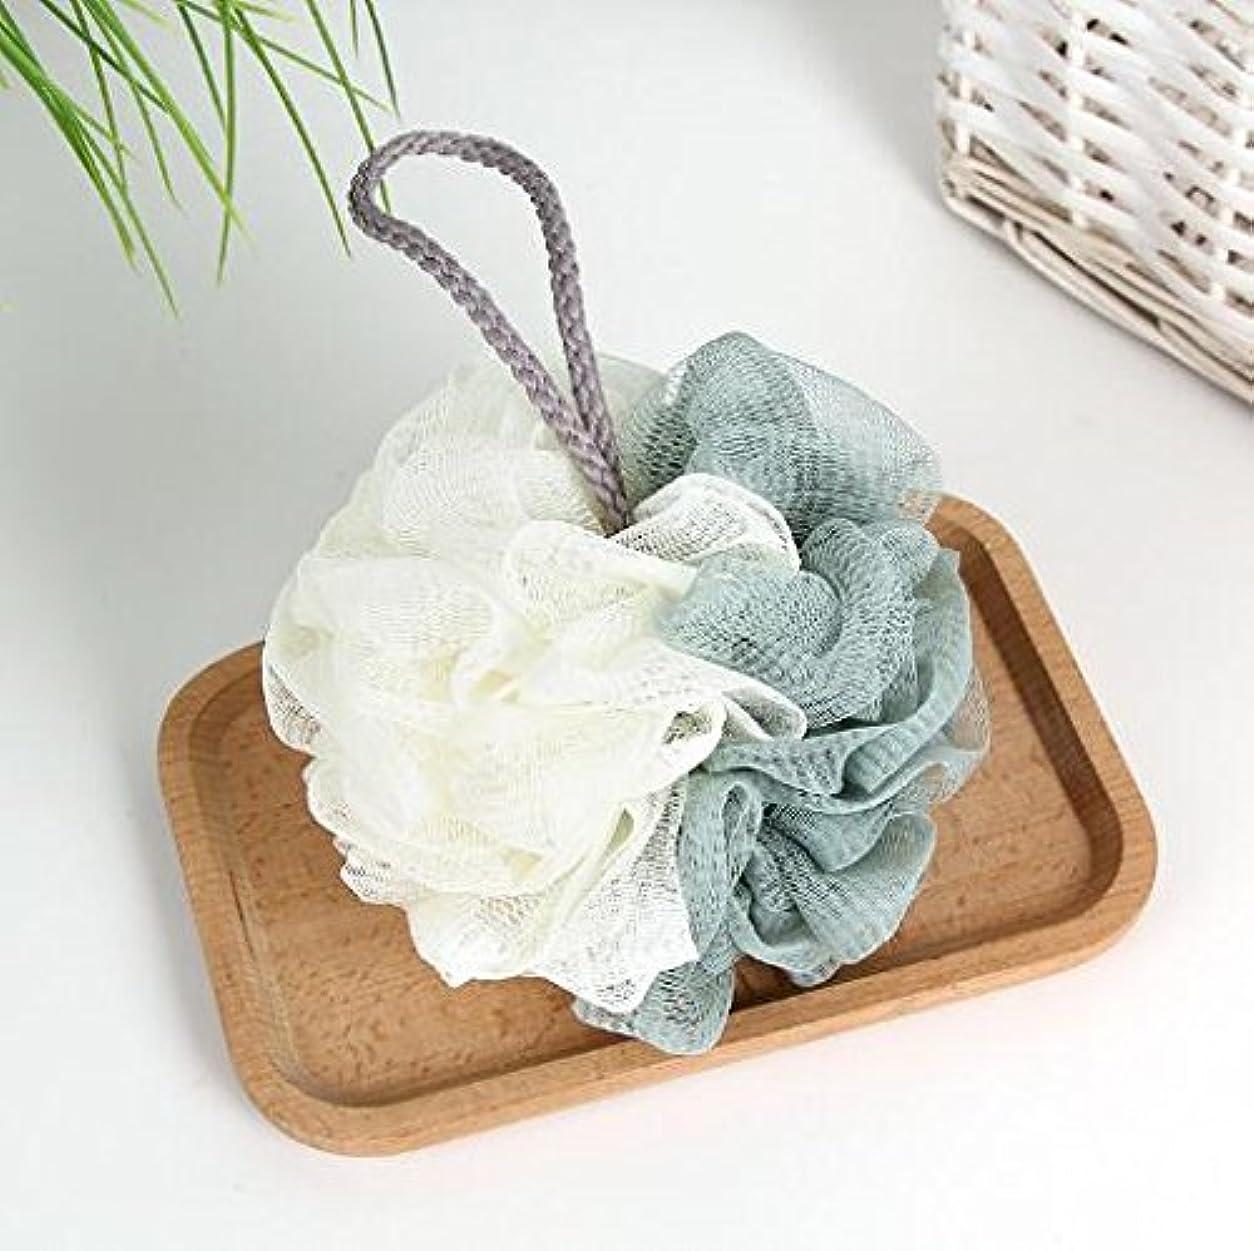 病気カーフNANAGOTEN 泡立てネット ボディースポンジ 細かいネット 柔らかい ボールボディ 背中も洗えるシャボンボール 花形